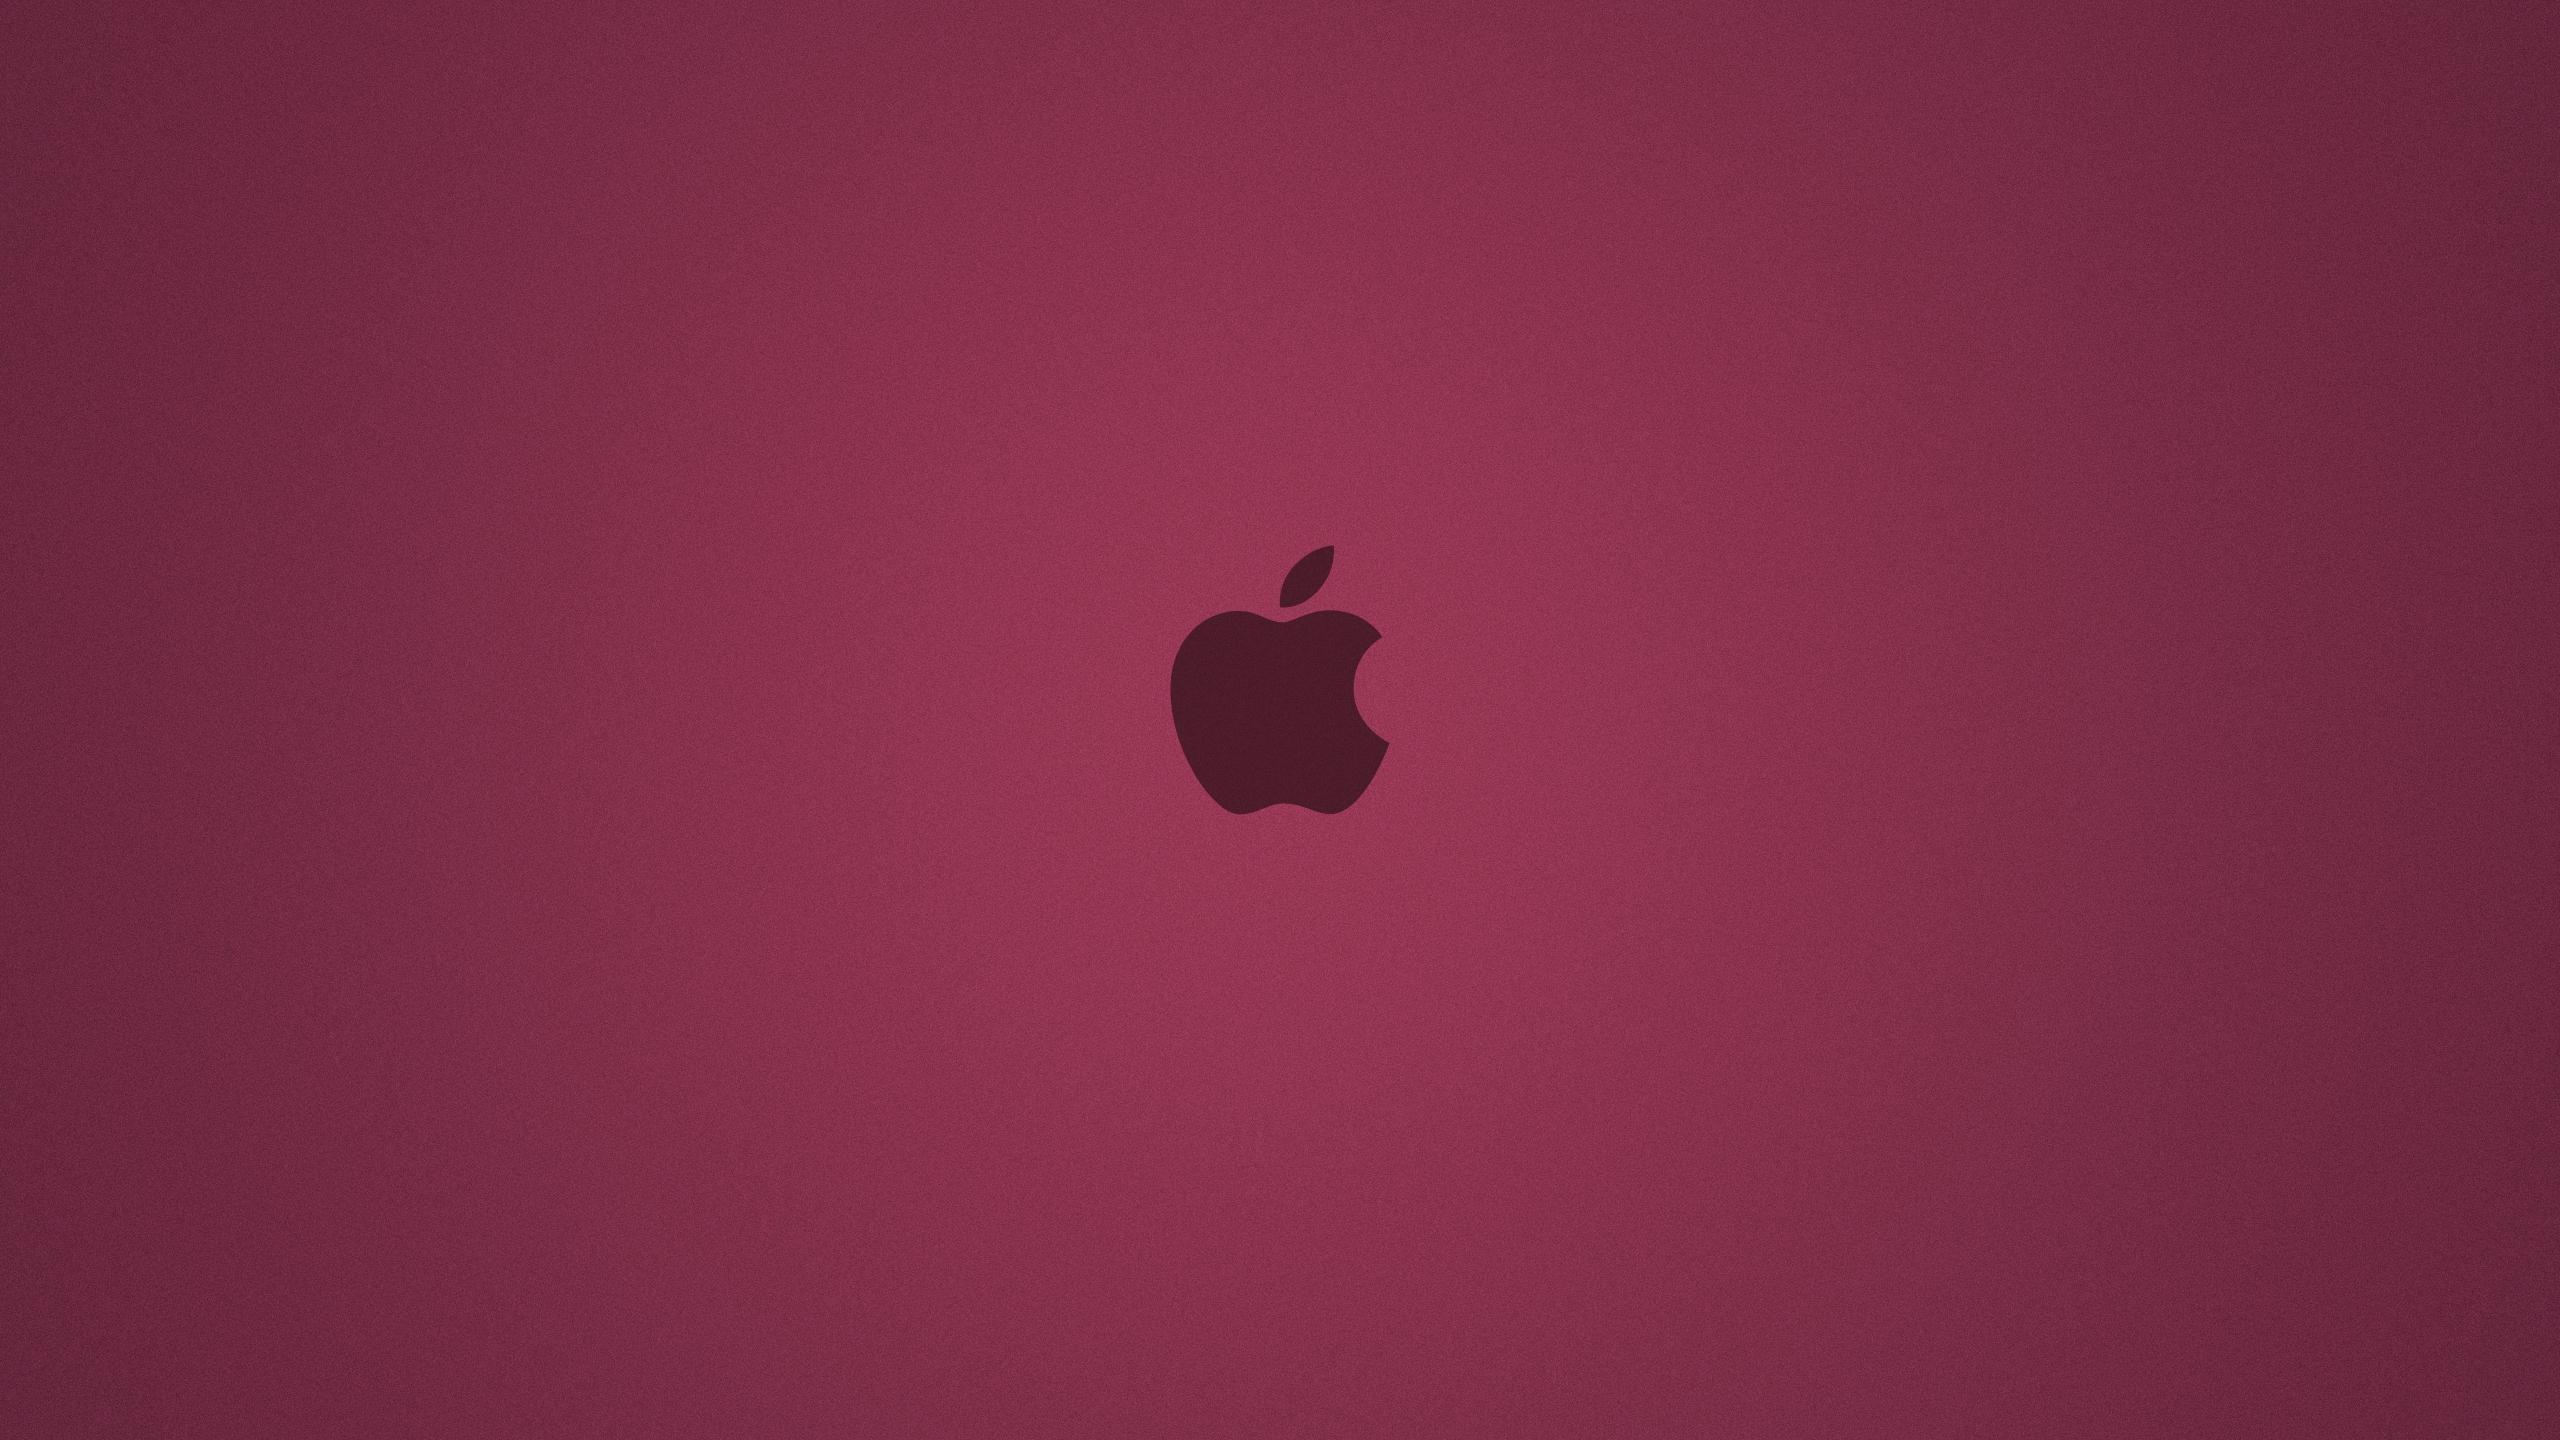 Sfondi Cuore Rosso Silhouette Logo Cerchio Rosa Luminosa